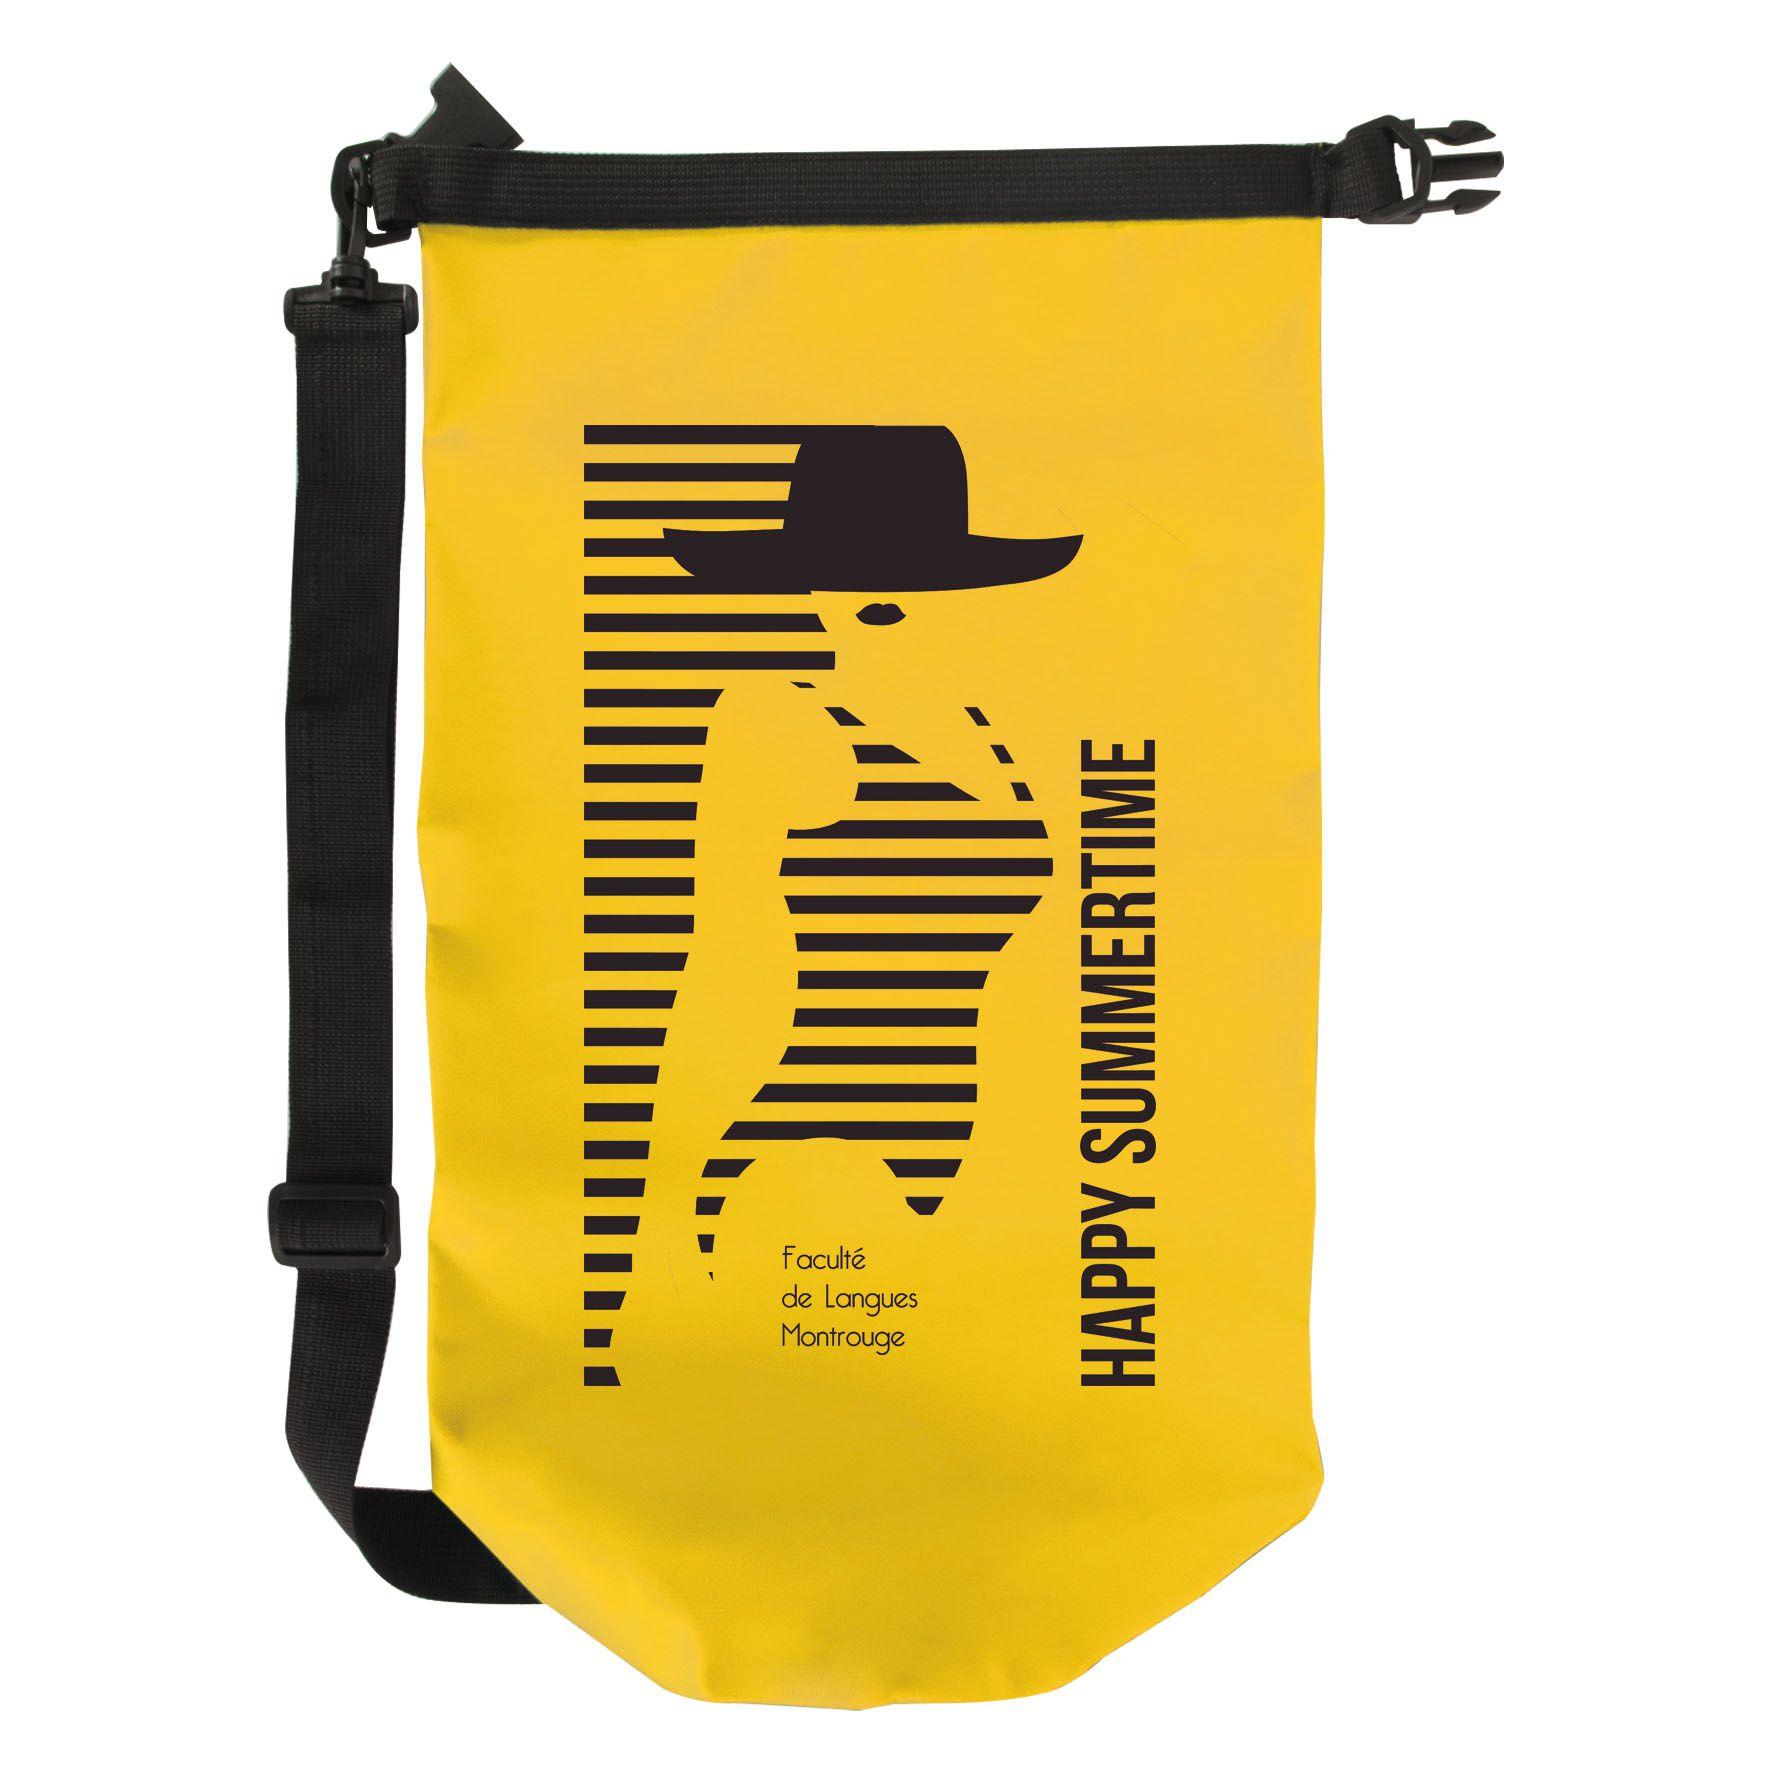 Cadeau publicitaire - Sac de marin publicitaire étanche Sète - jaune